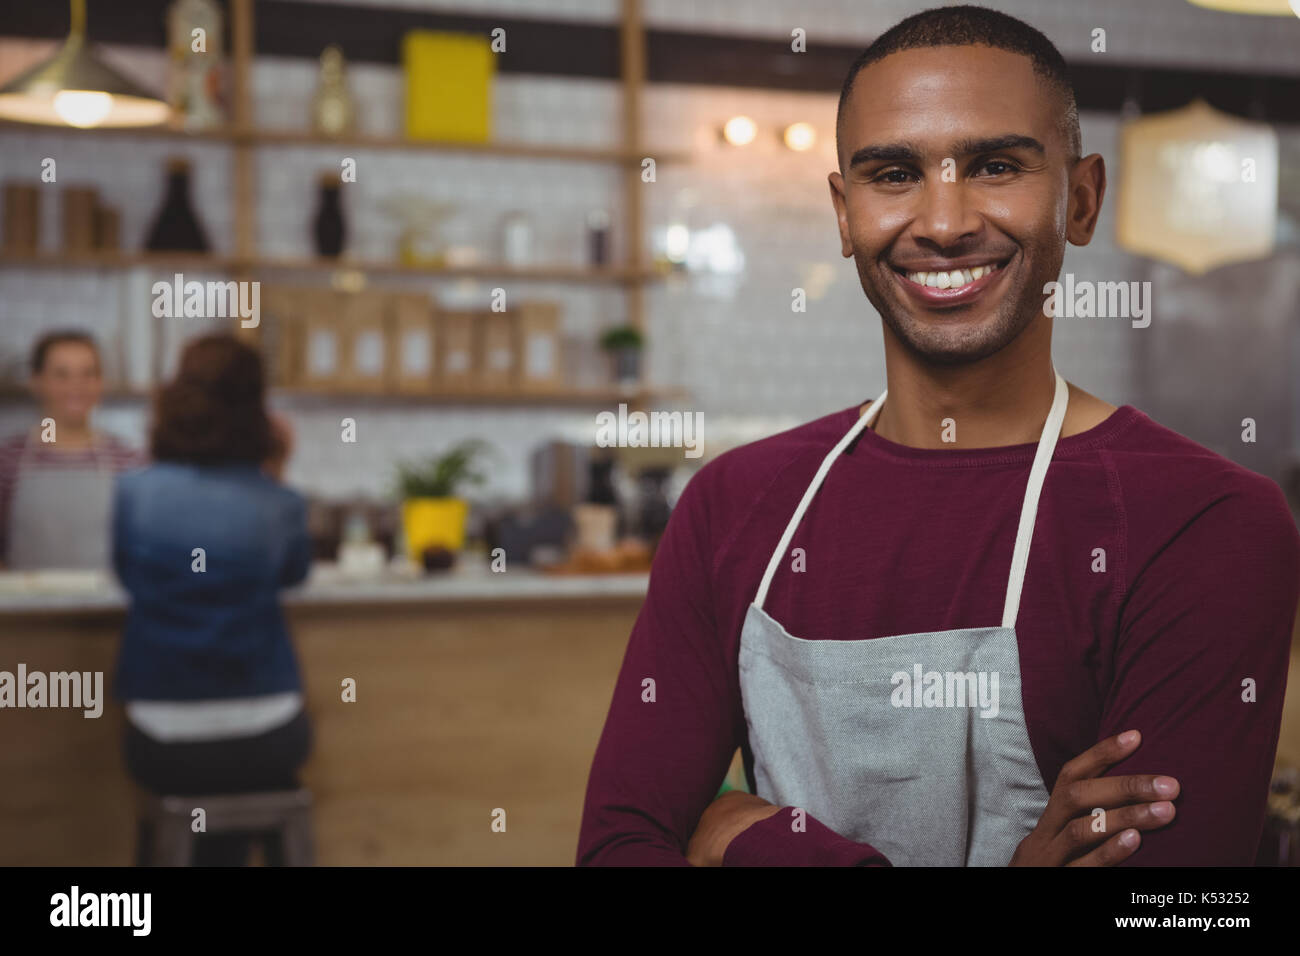 Ritratto del proprietario sorridente in piedi in cafe Immagini Stock